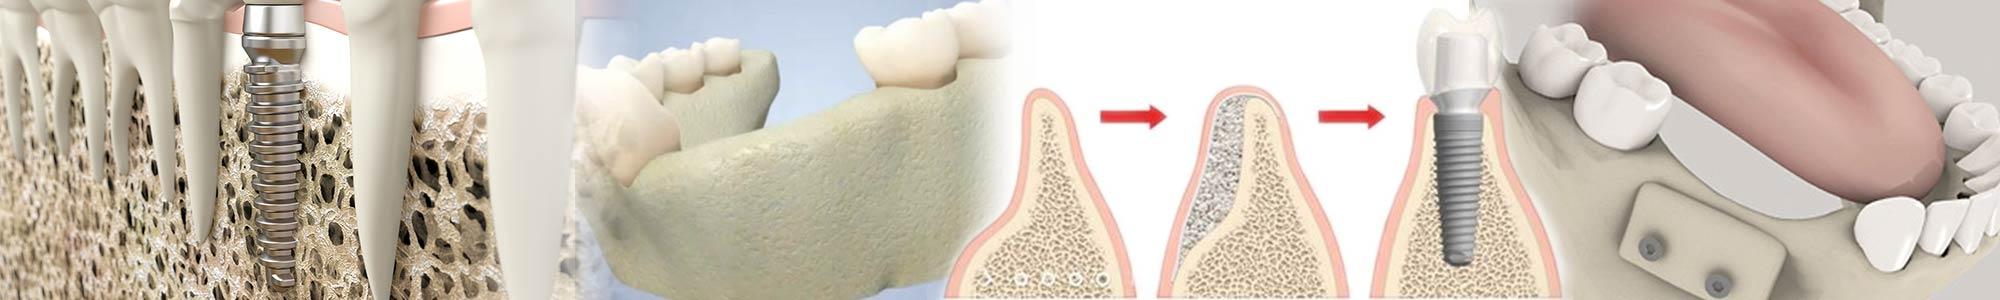 Greffe osseuse dentaire - Polyclinique dentaire Européenne - Tours - Région Centre - Spécialités dentaires